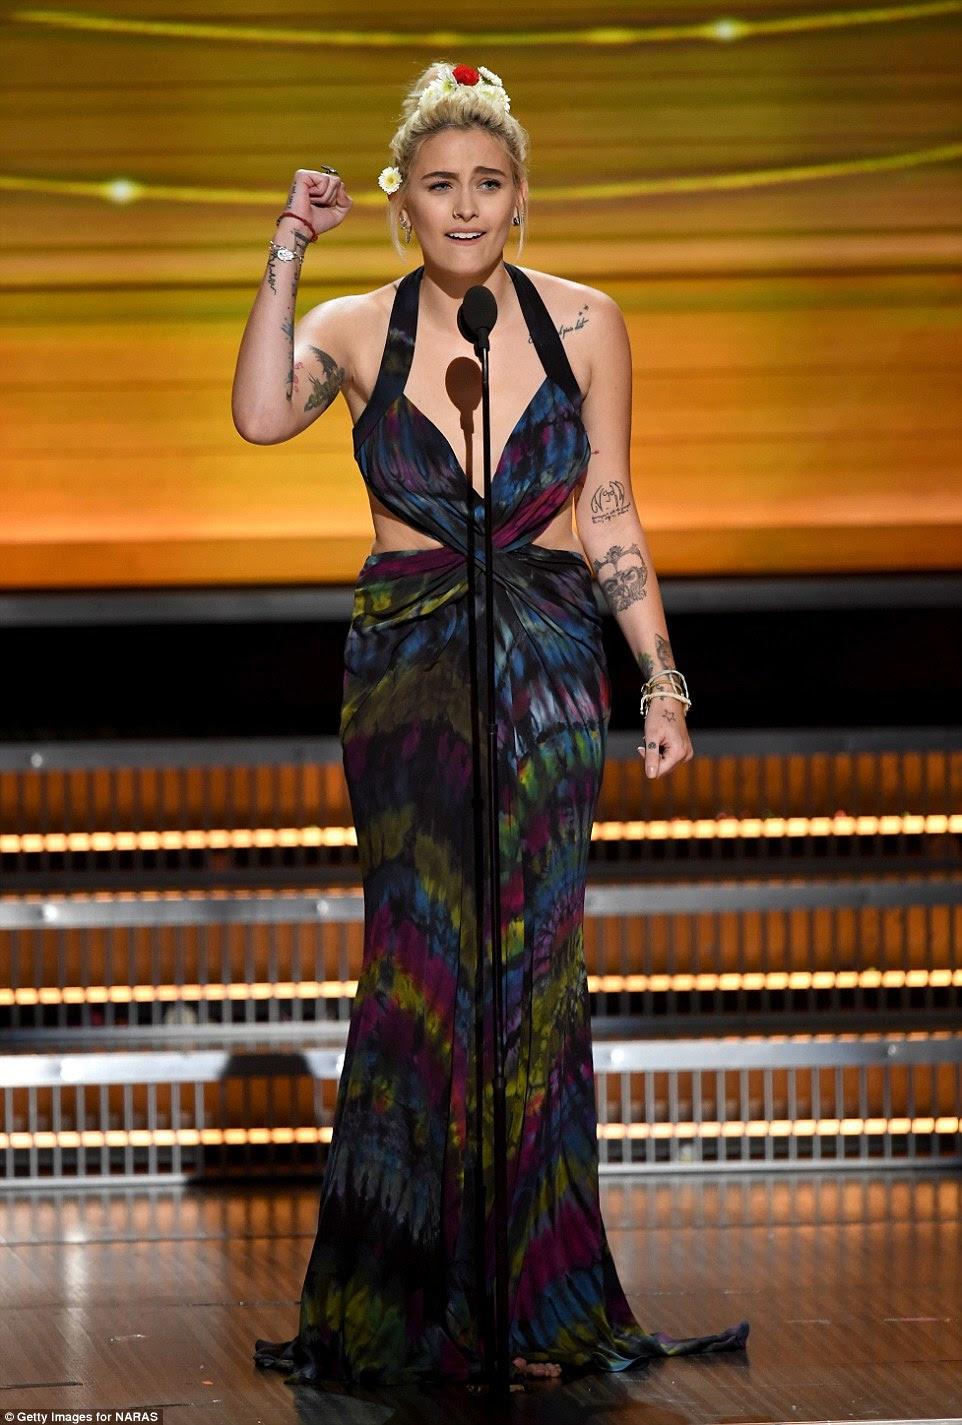 A princesa do pop: Paris Jackson balançou um número tie-dye como ela apresentou